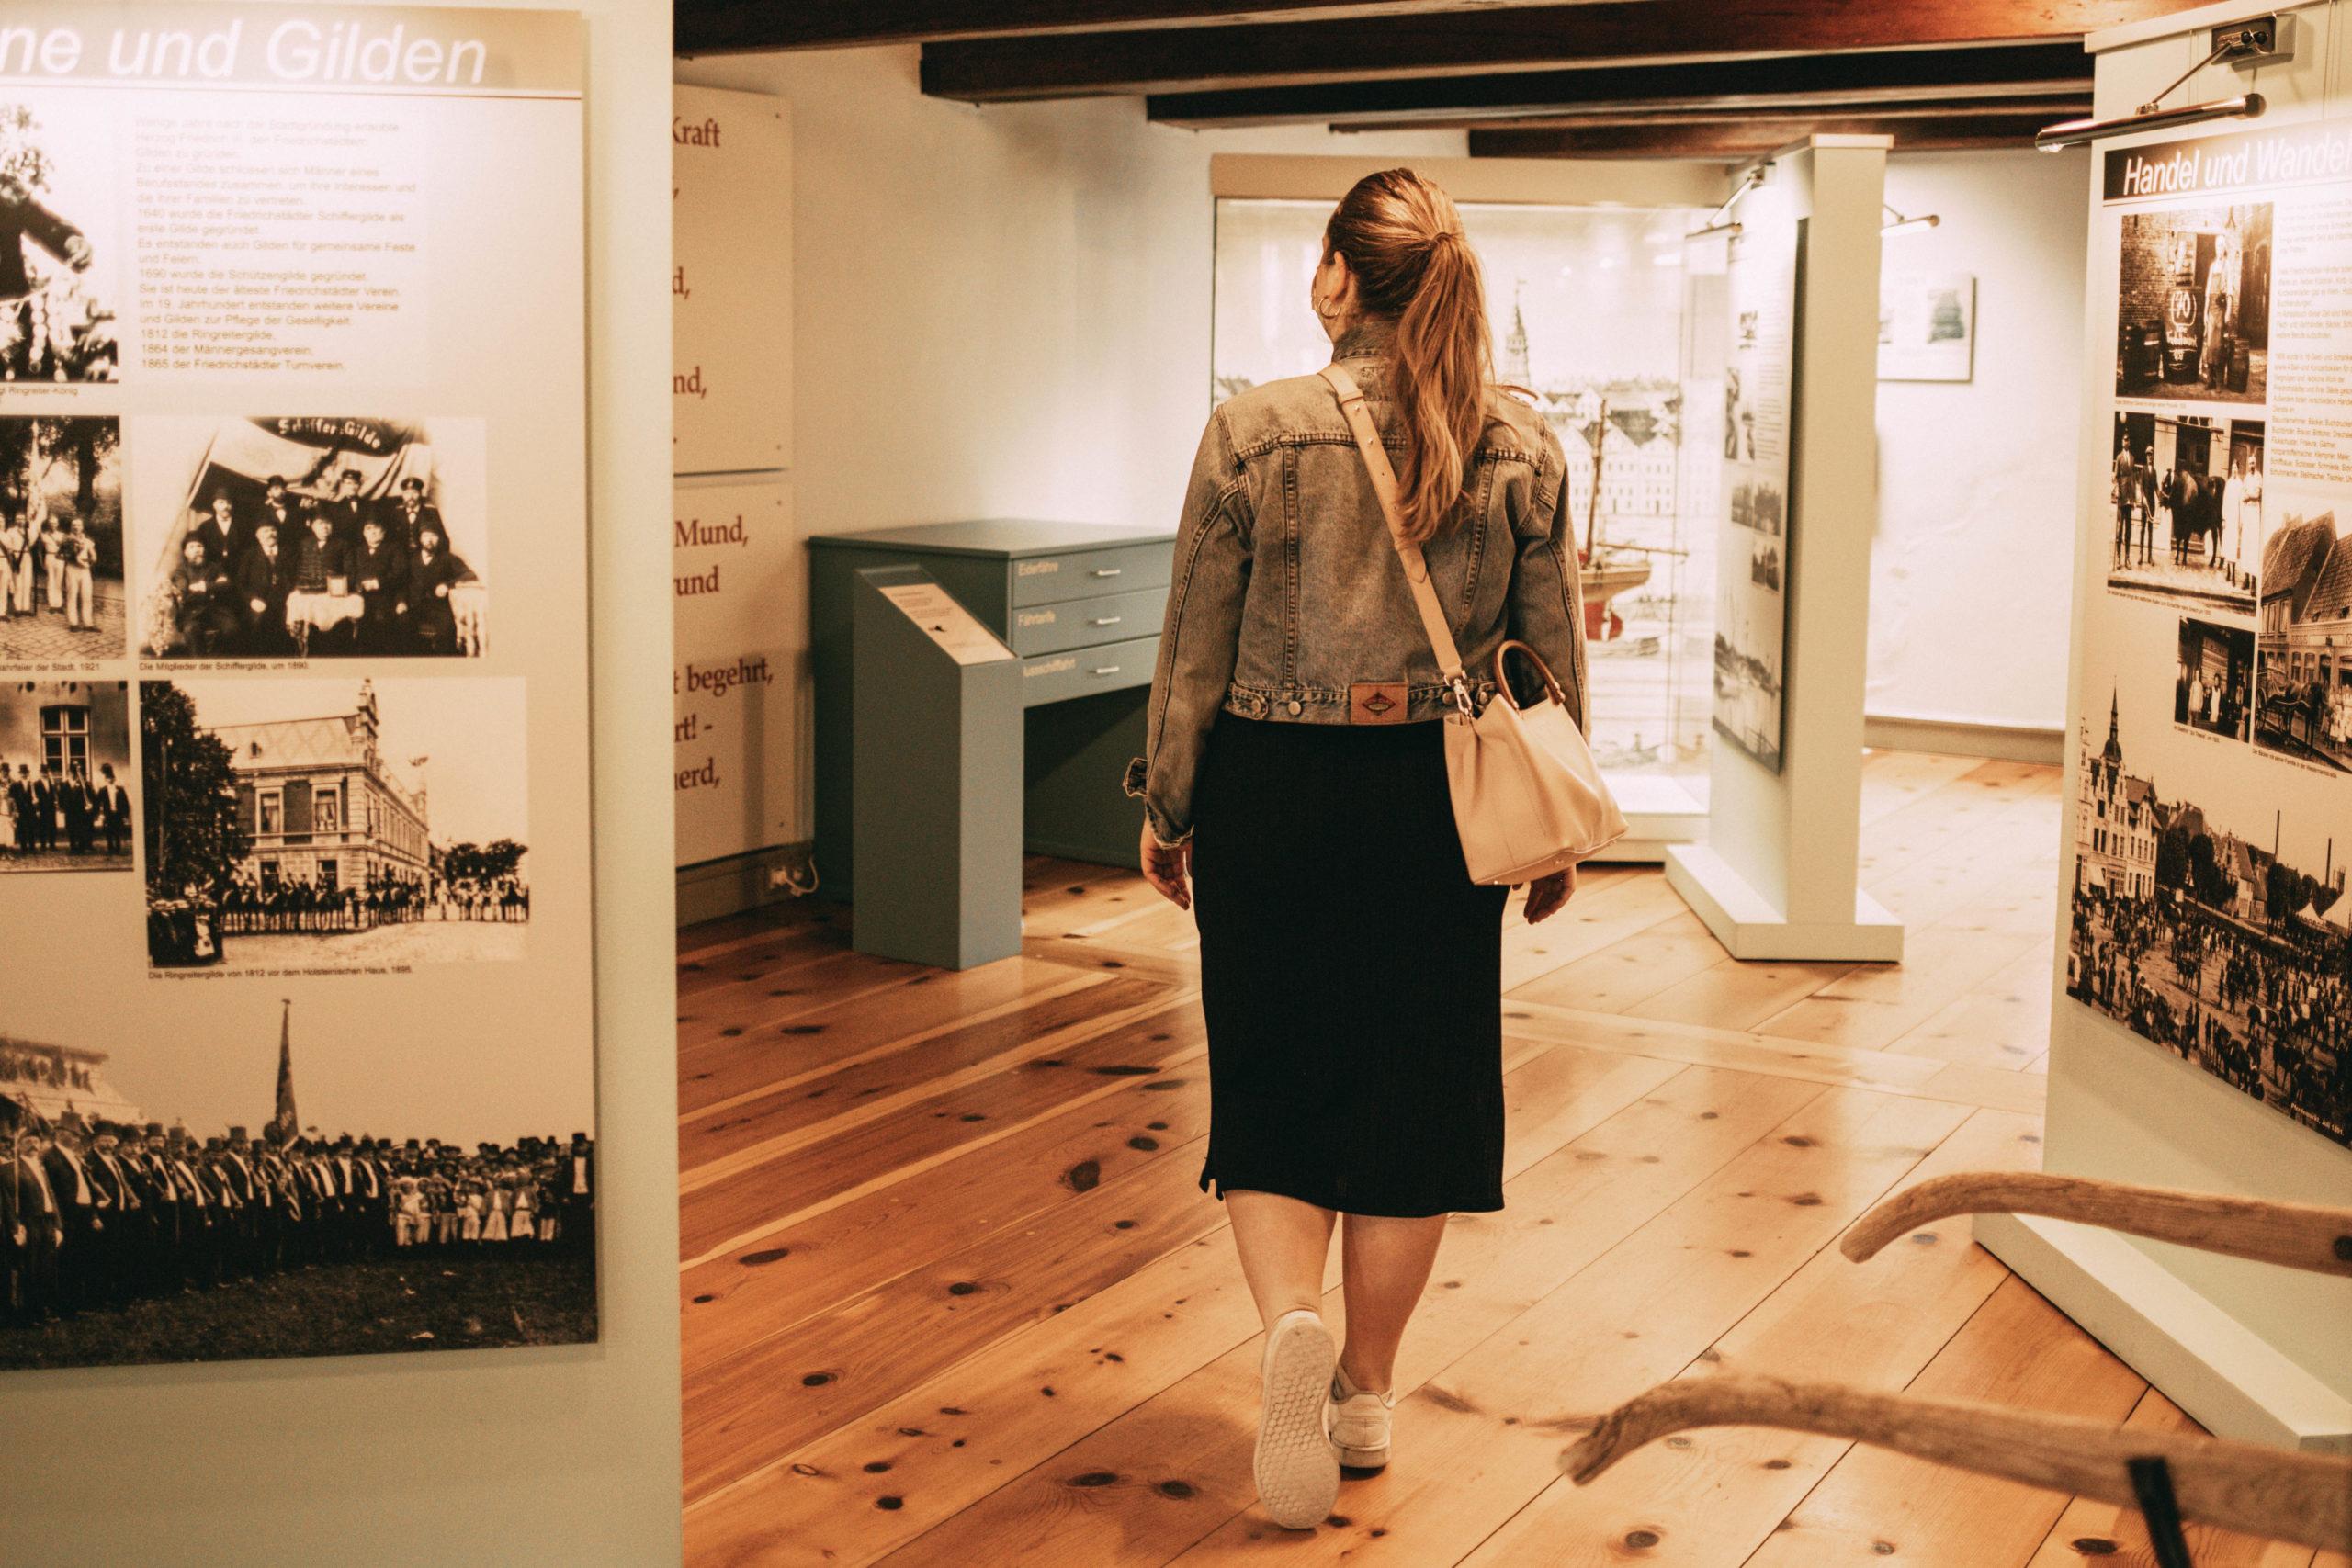 Sina im Museum